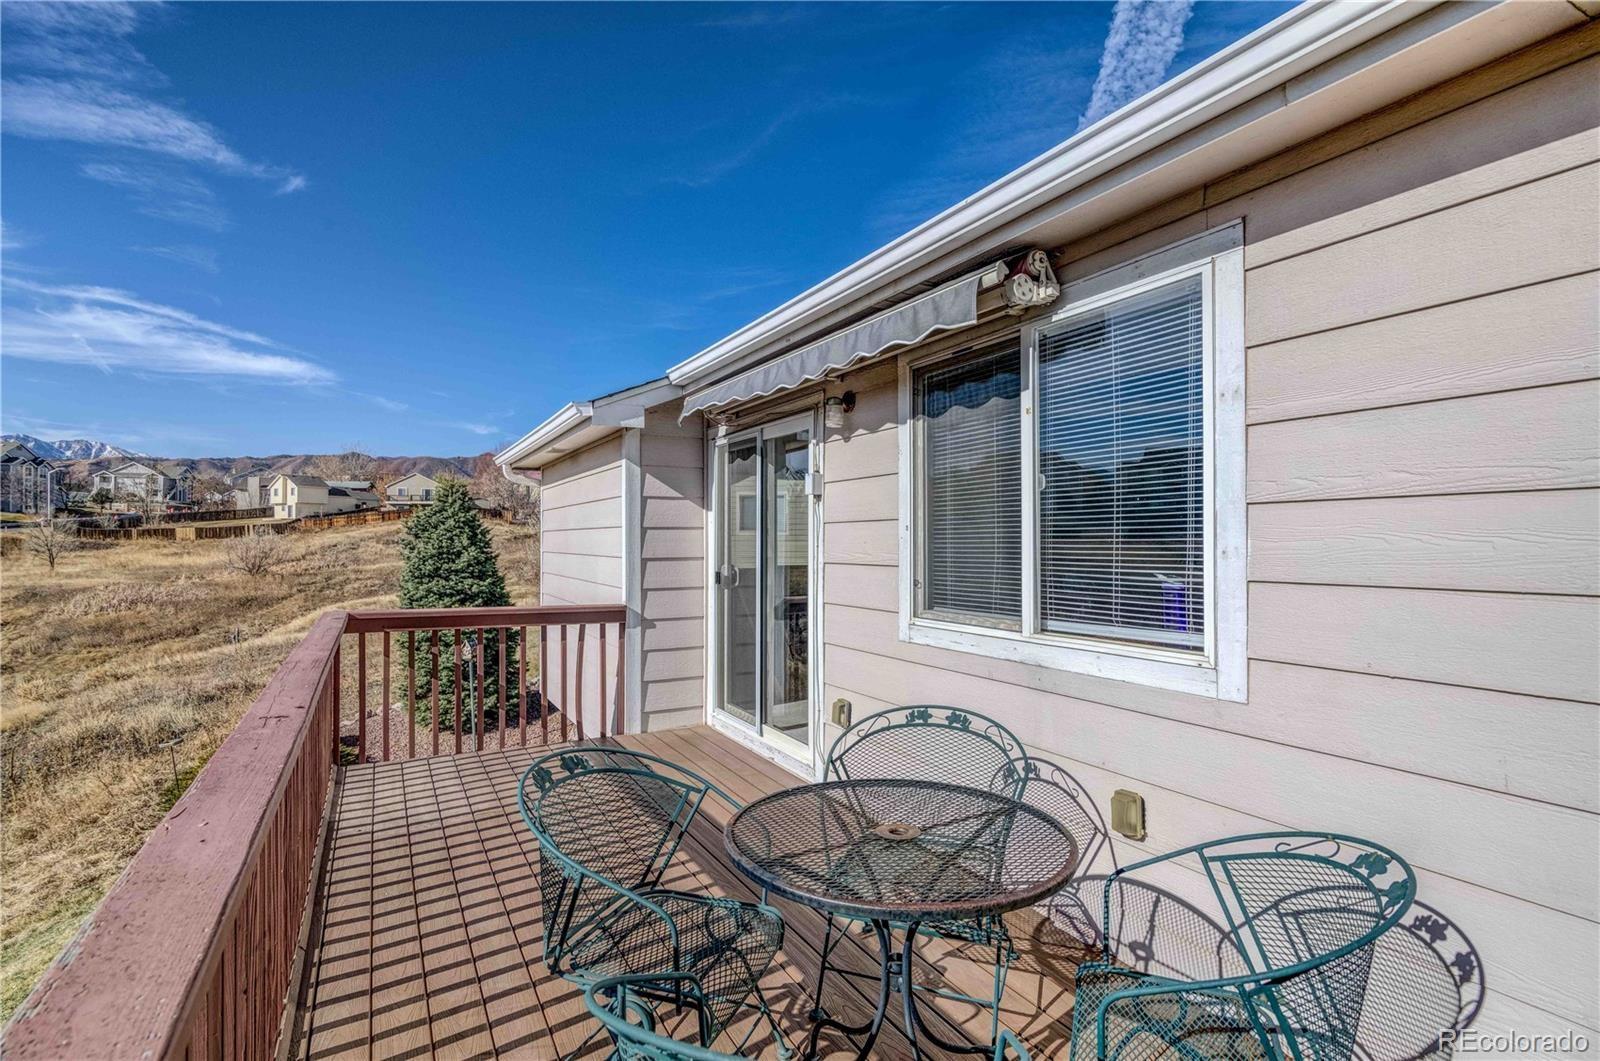 MLS# 5664422 - 32 - 6265 Retreat Point, Colorado Springs, CO 80919